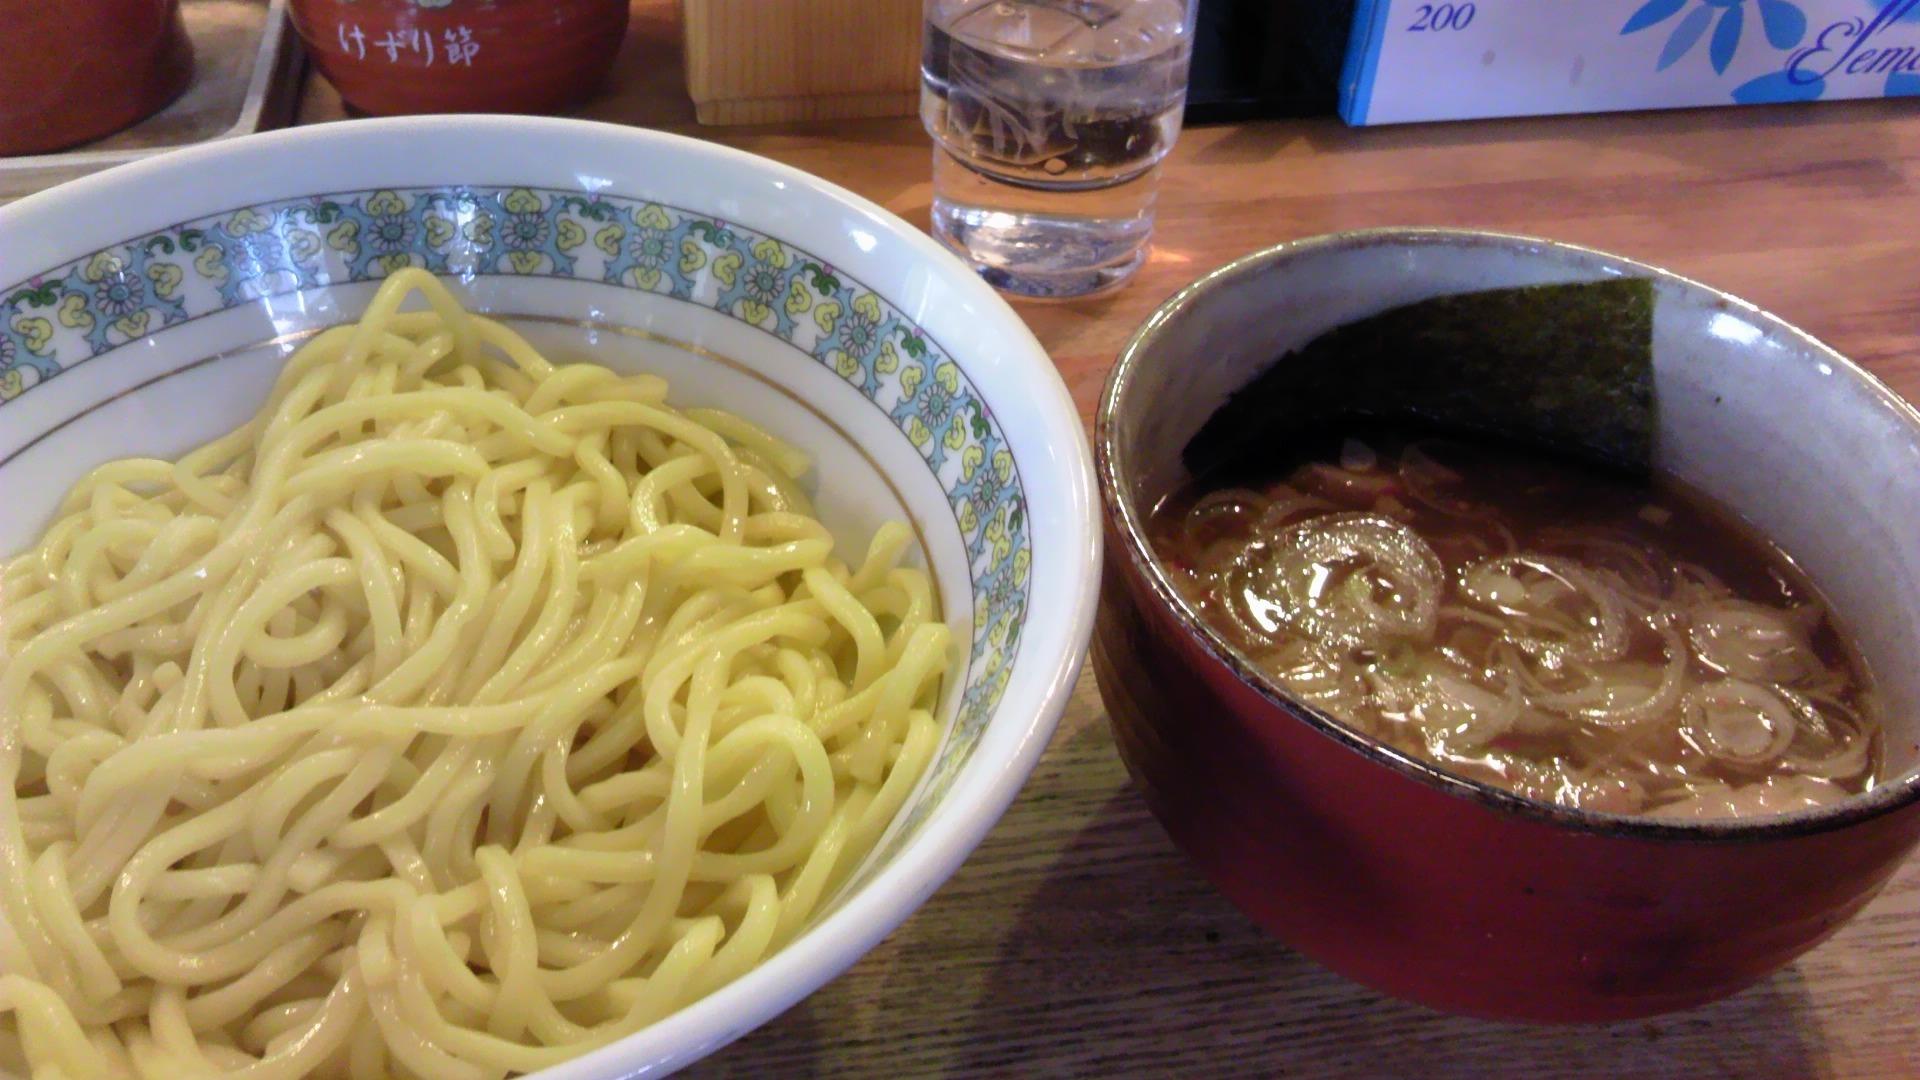 つけ麺が食べたくて_c0162773_15223610.jpg